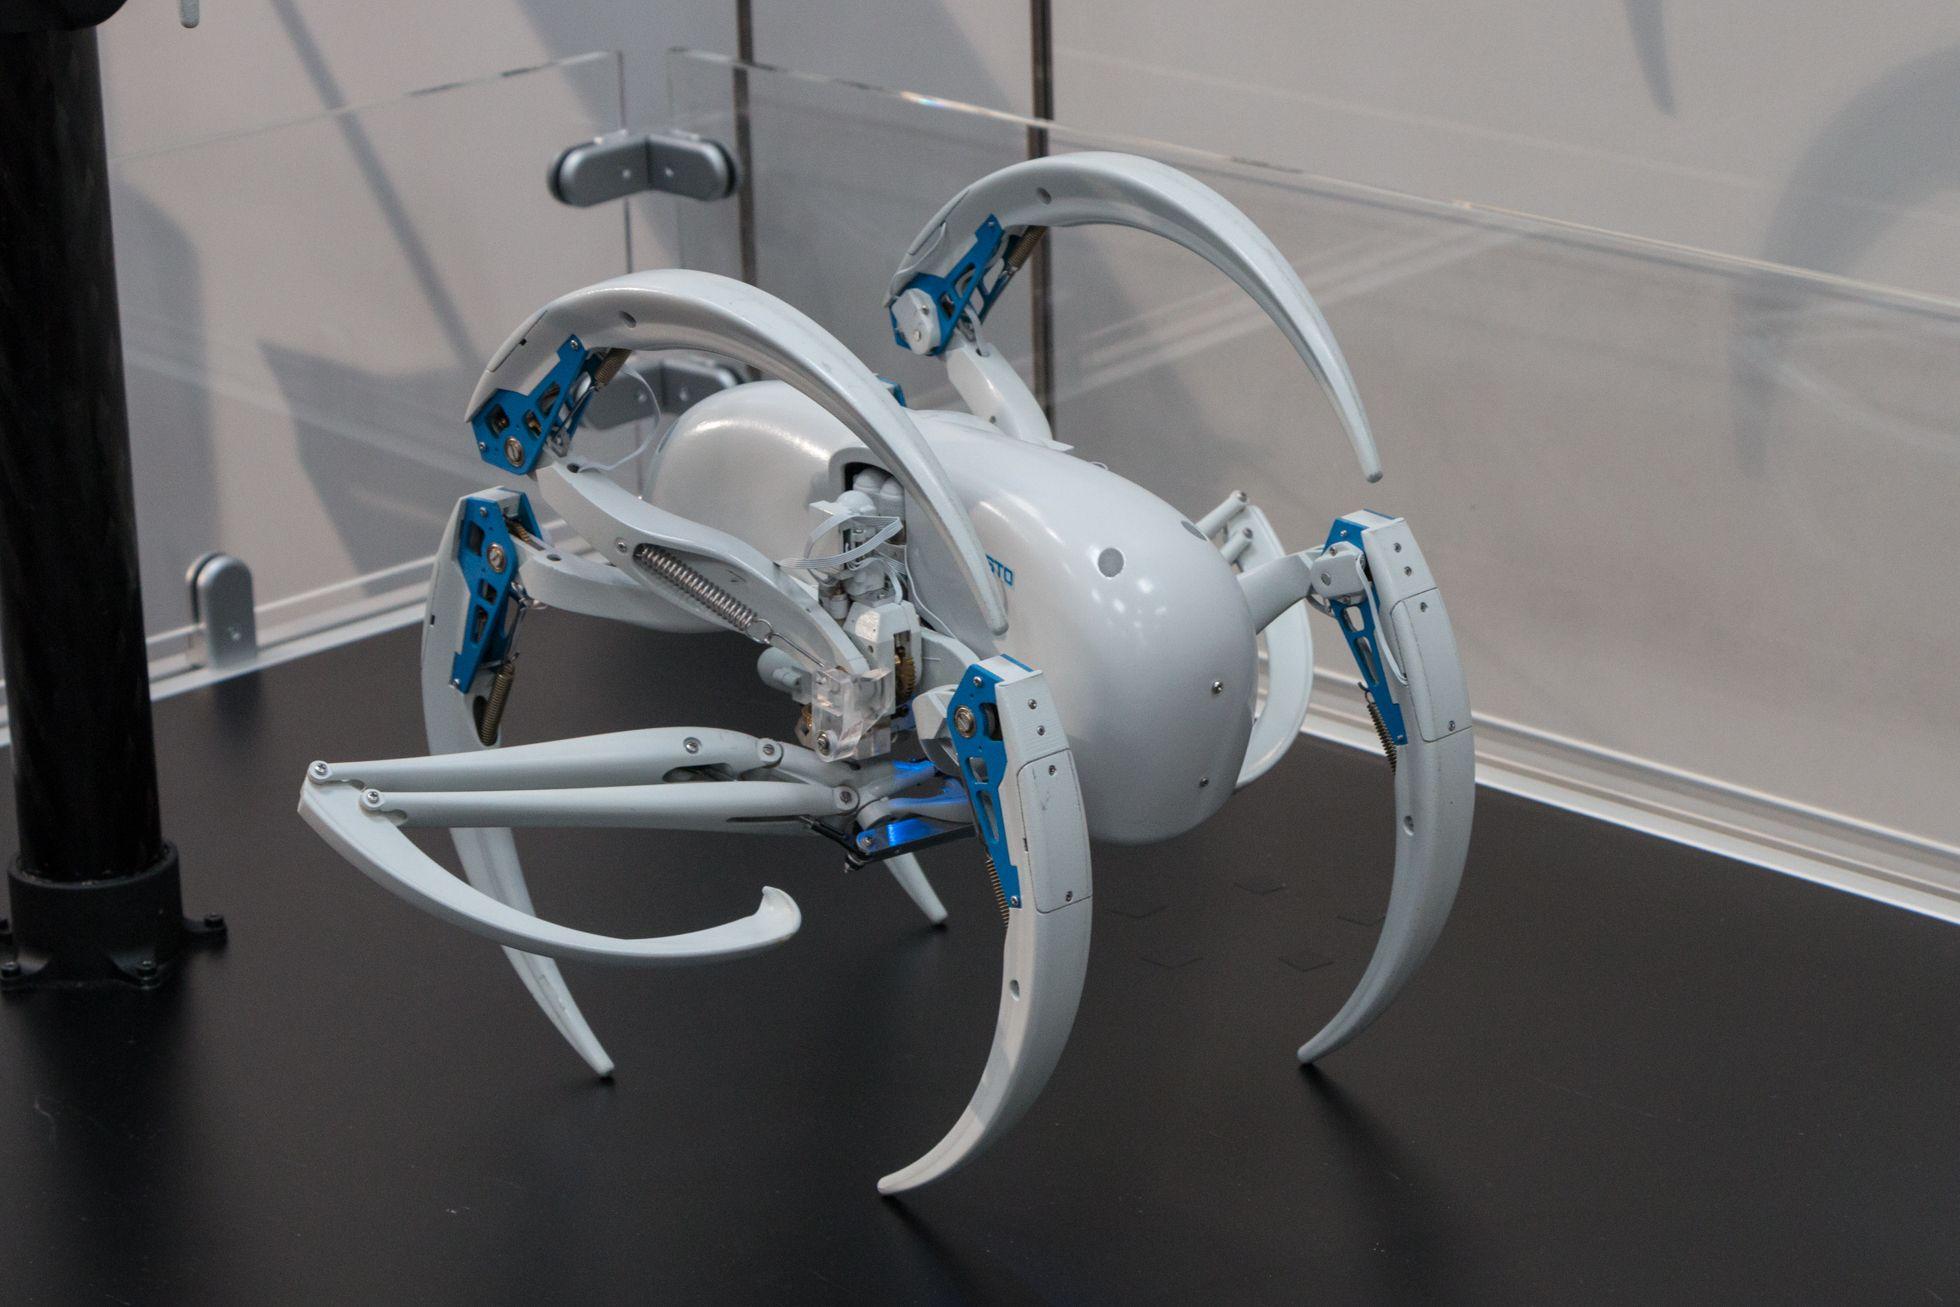 Bionic Wheel Bot: Festos Spinnenroboter rollt und läuft - ... und rollen. (Bild: Werner Pluta/Golem.de)